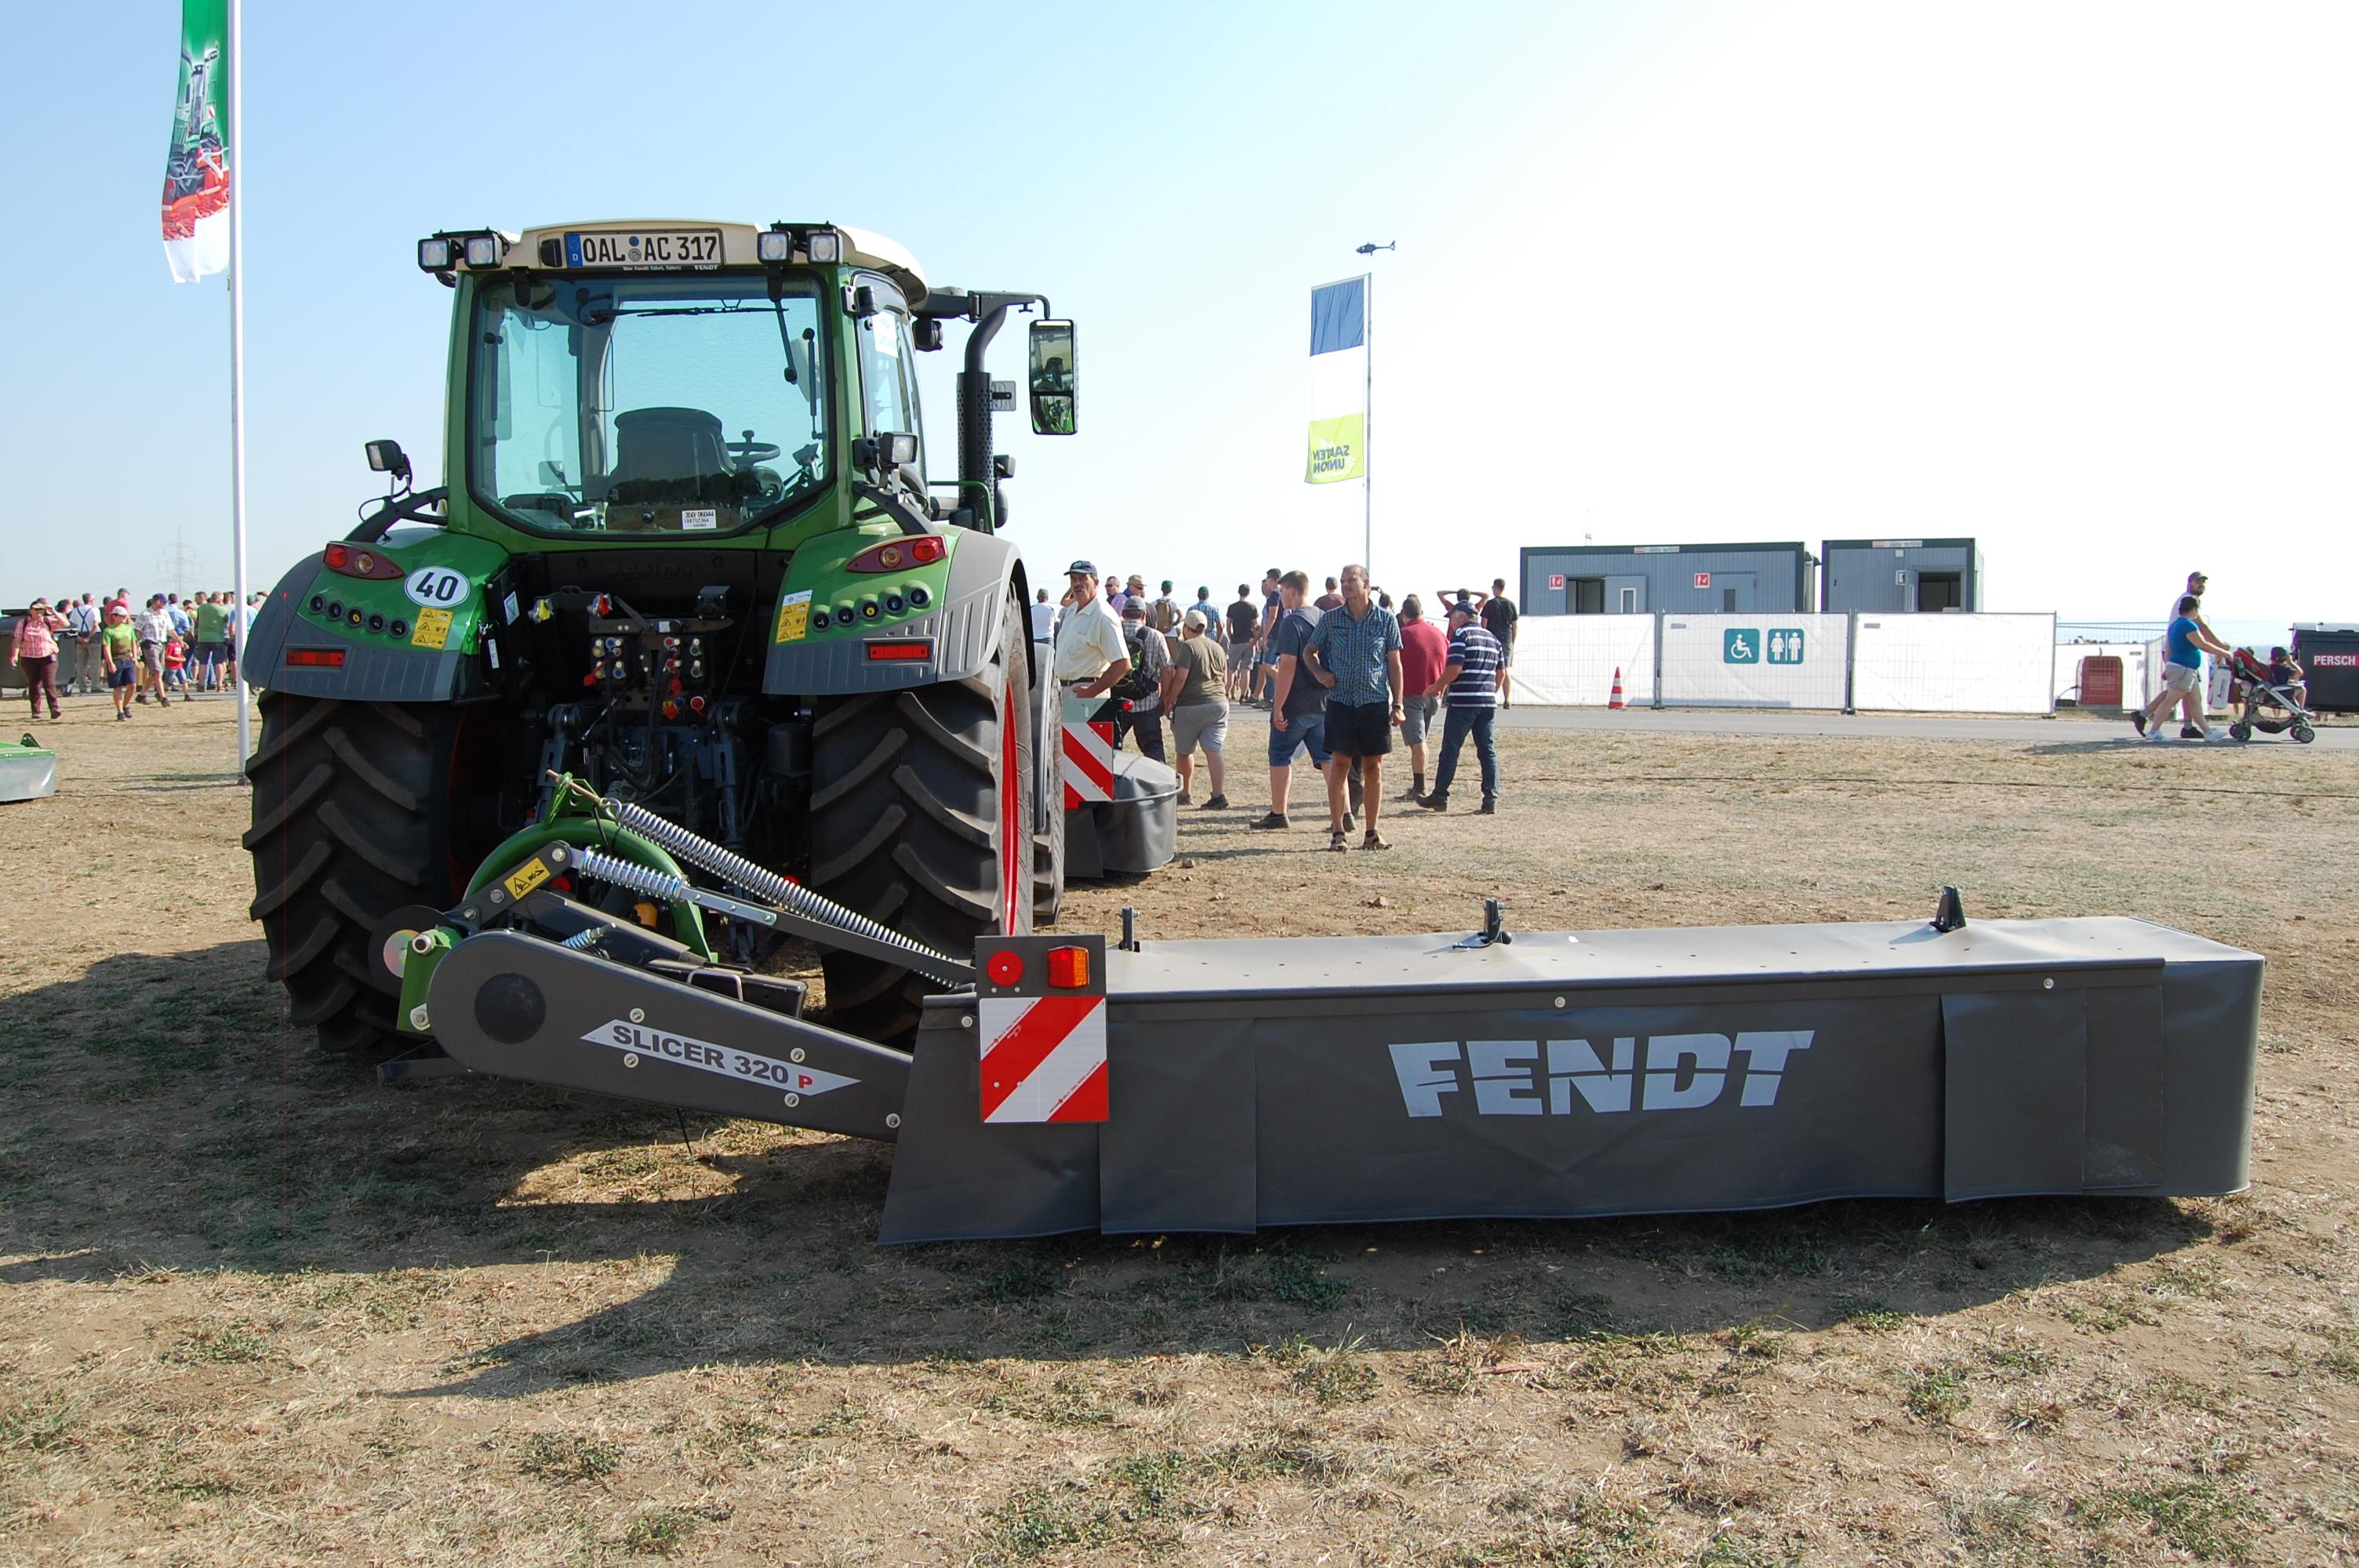 Fendt_Field_Day_Wadenbrunn2018-169